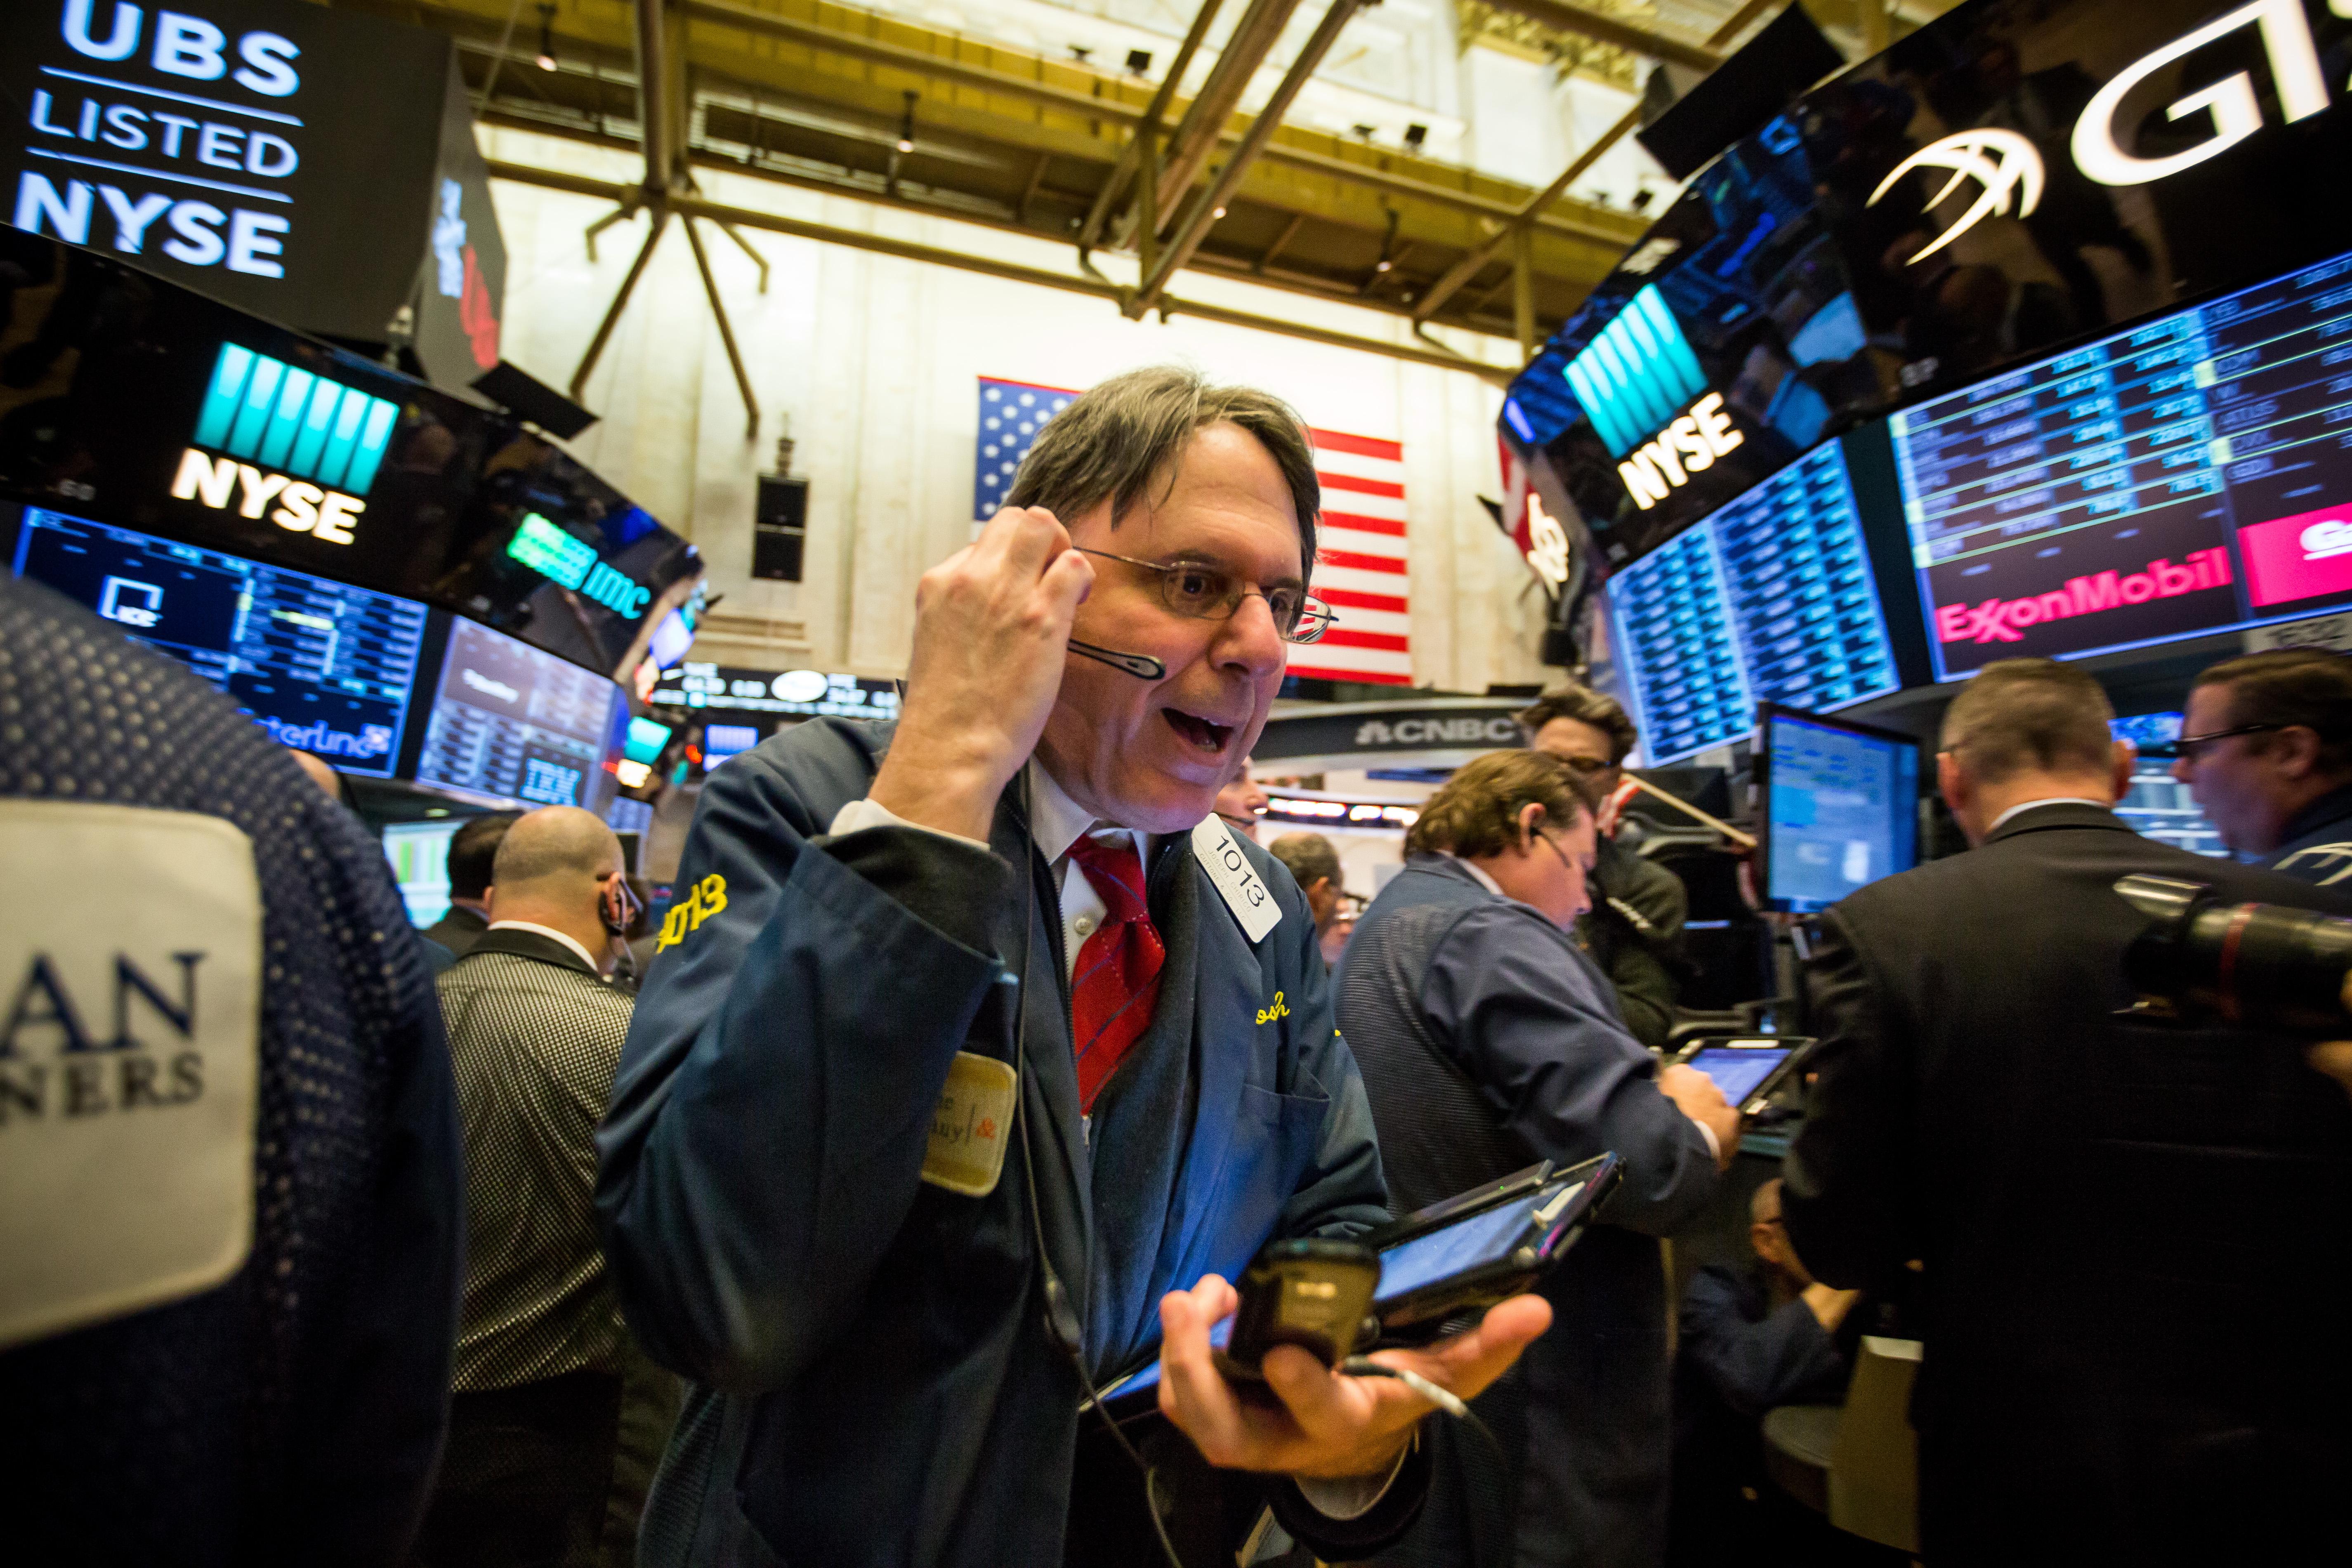 https://assets.sourcemedia.com/5c/91/3990eea8402f9a44293ea06b8a96/trading-floor4.jpg